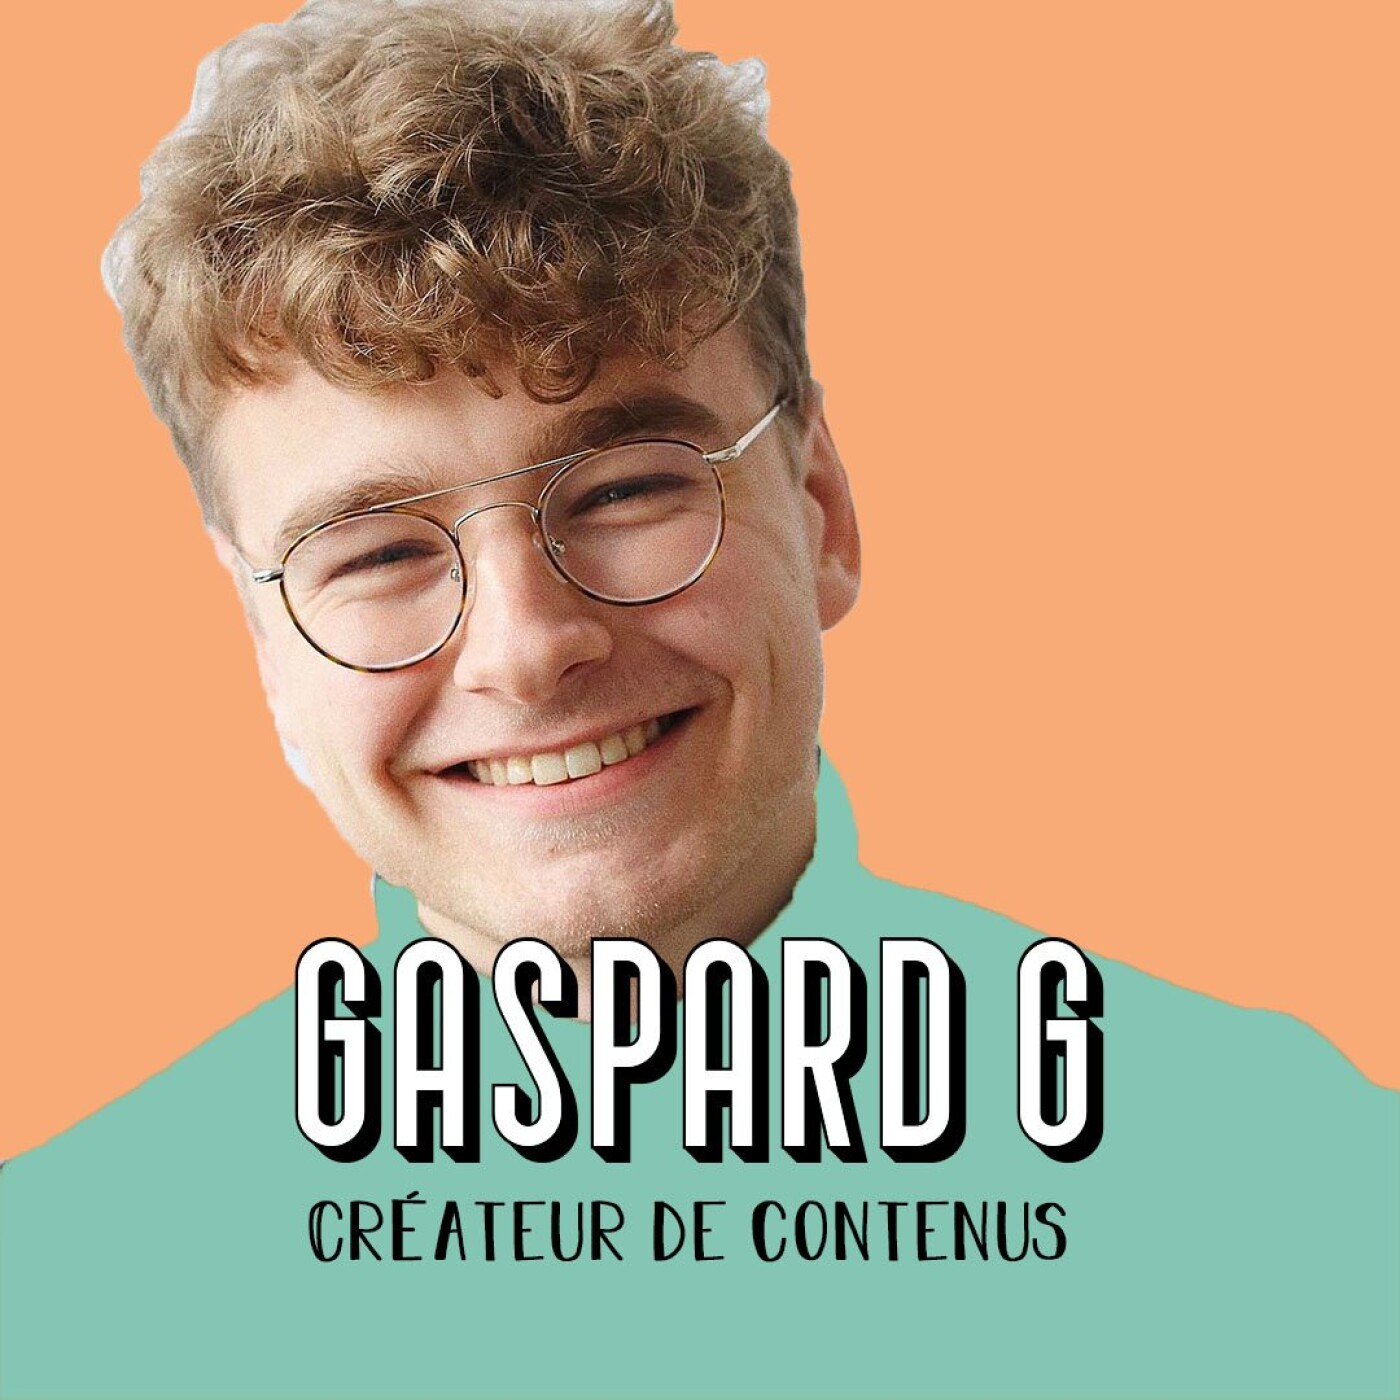 Gaspard G, Créateur de contenus et Entrepreneur - On a toute la vie pour apprendre